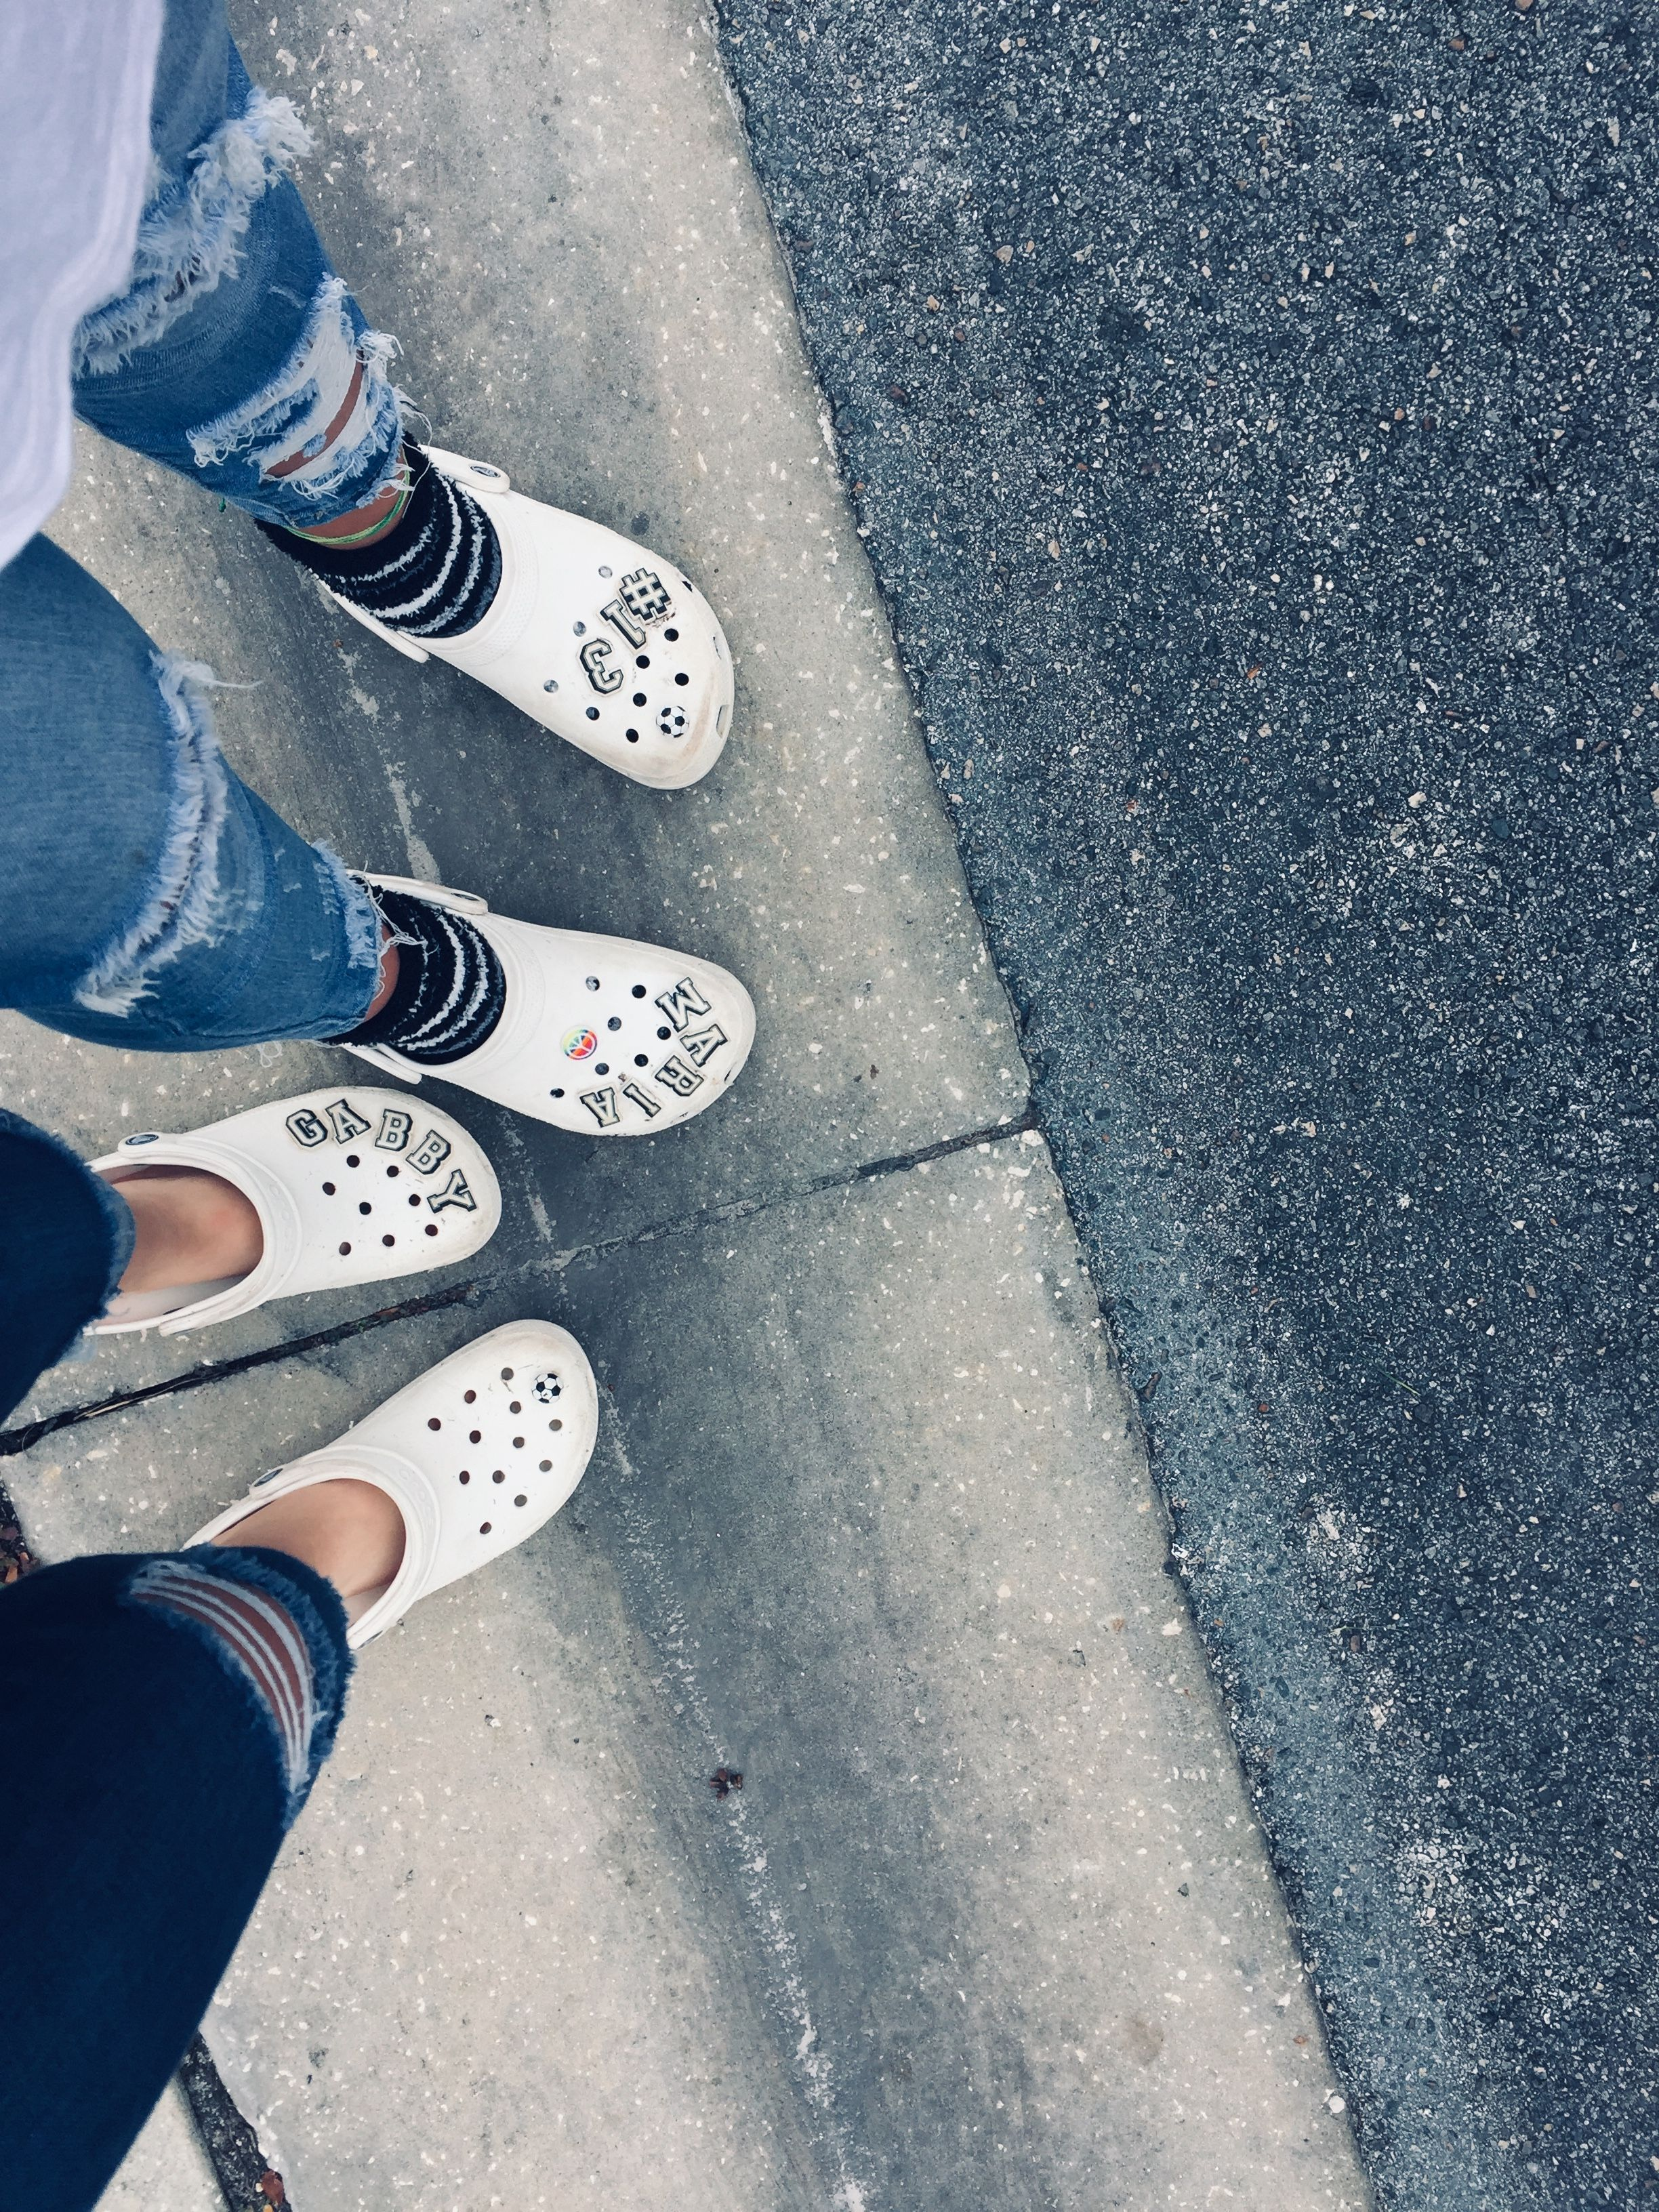 crocs converse style